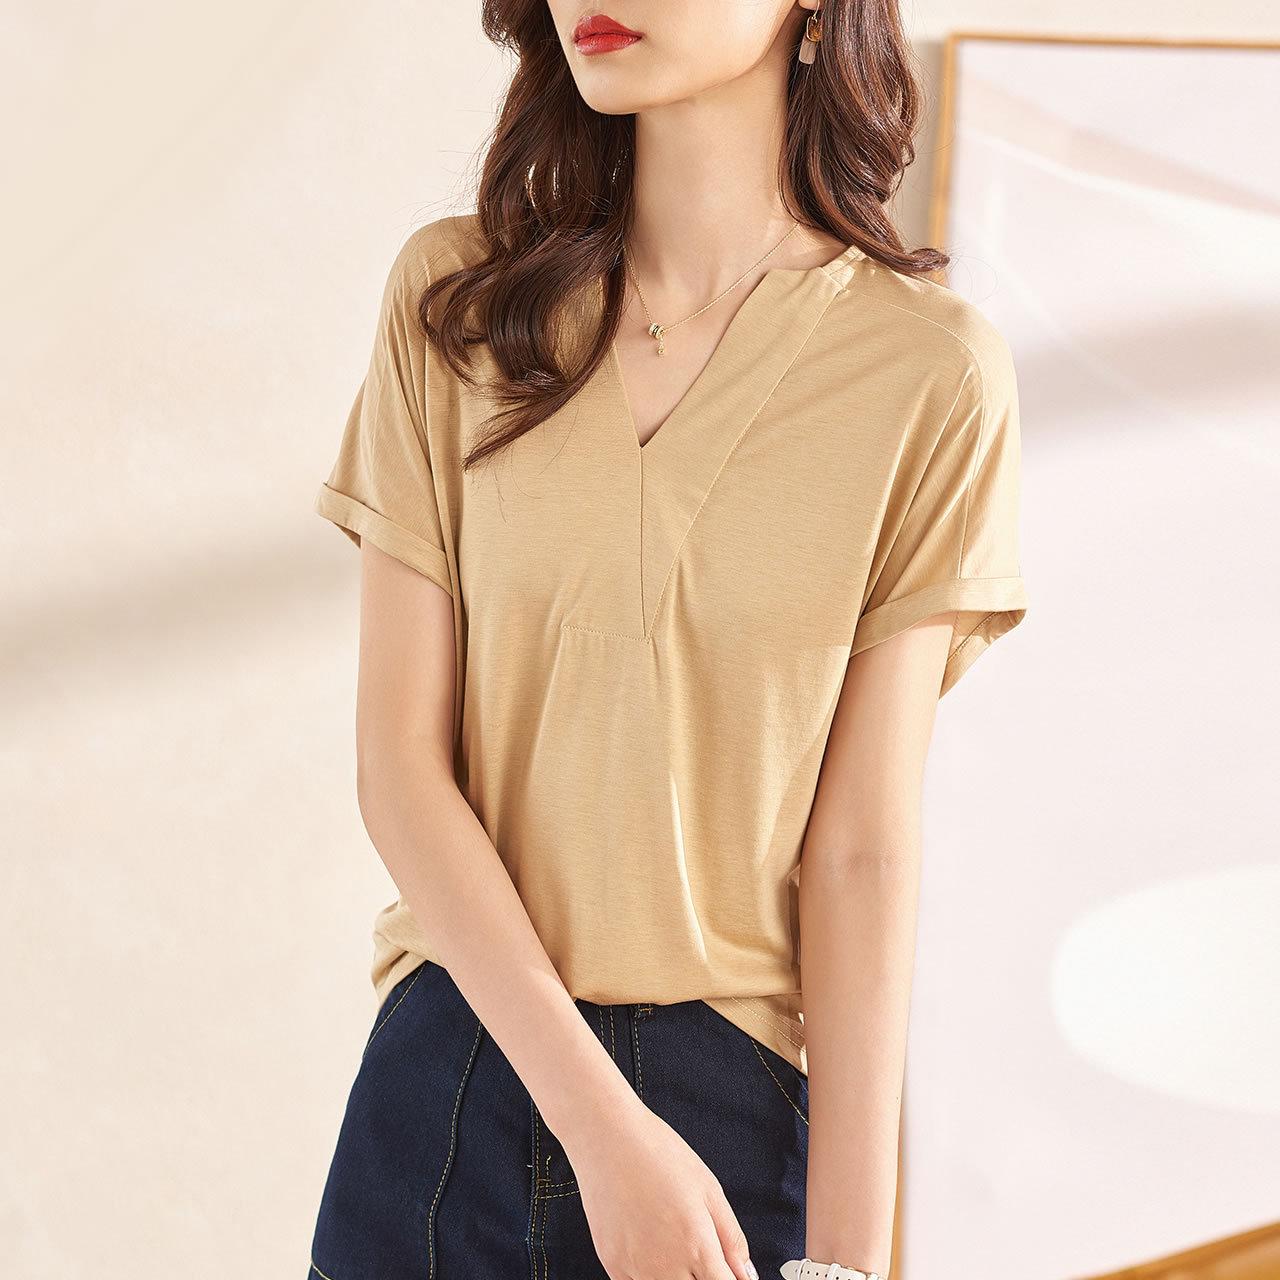 2021夏季新款女装时尚纯色短袖t恤性感v领上衣小衫宽松显瘦打底衫